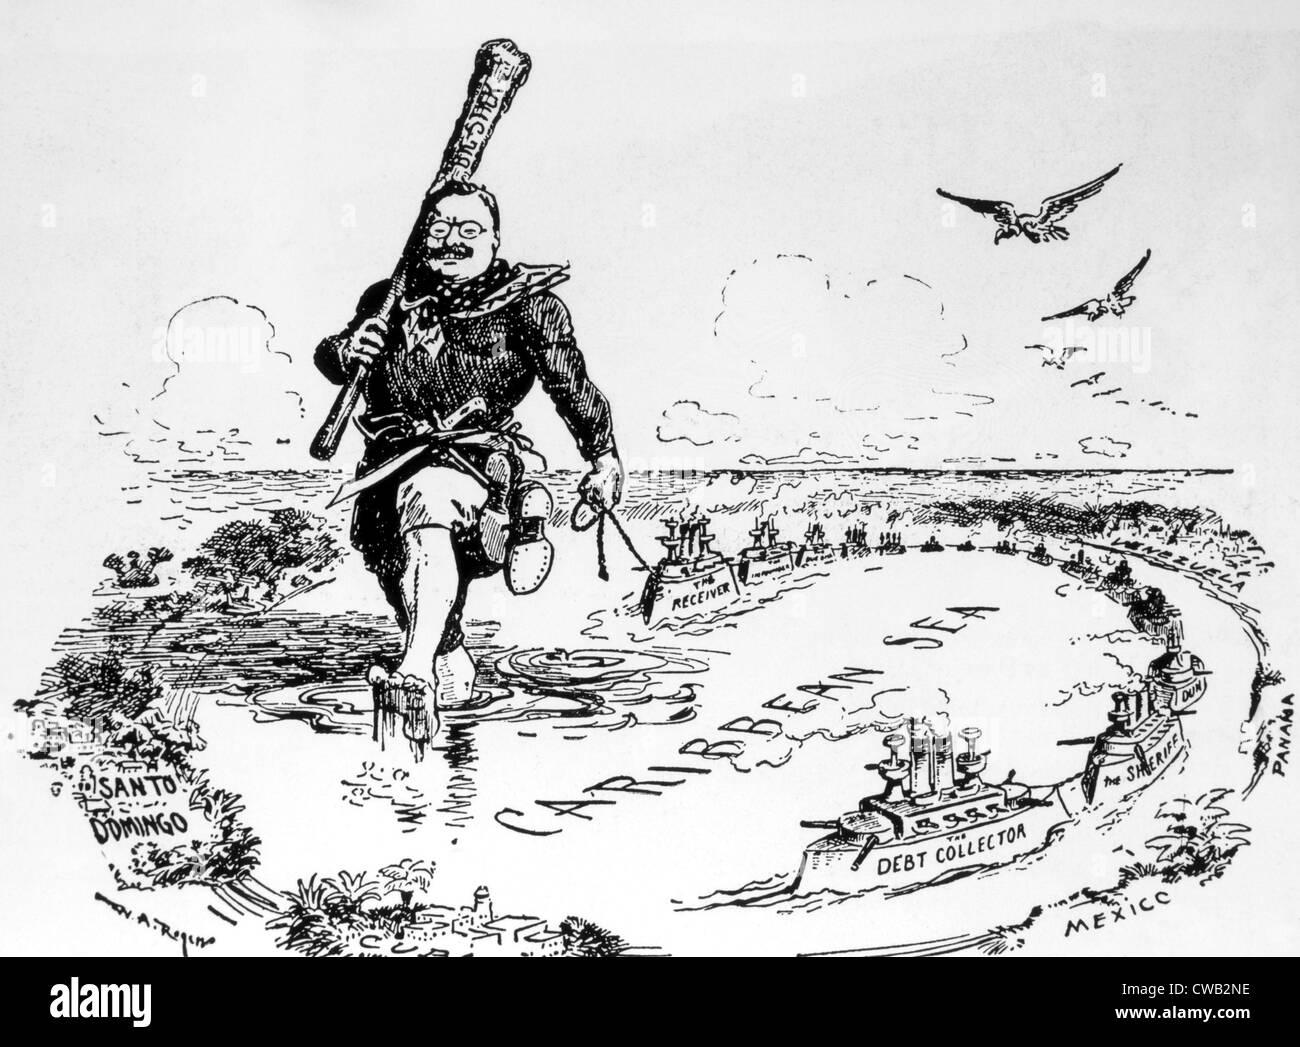 El presidente Theodore Roosevelt patrullando el caribe con su 'Big Stick' en una caricatura política, Imagen De Stock